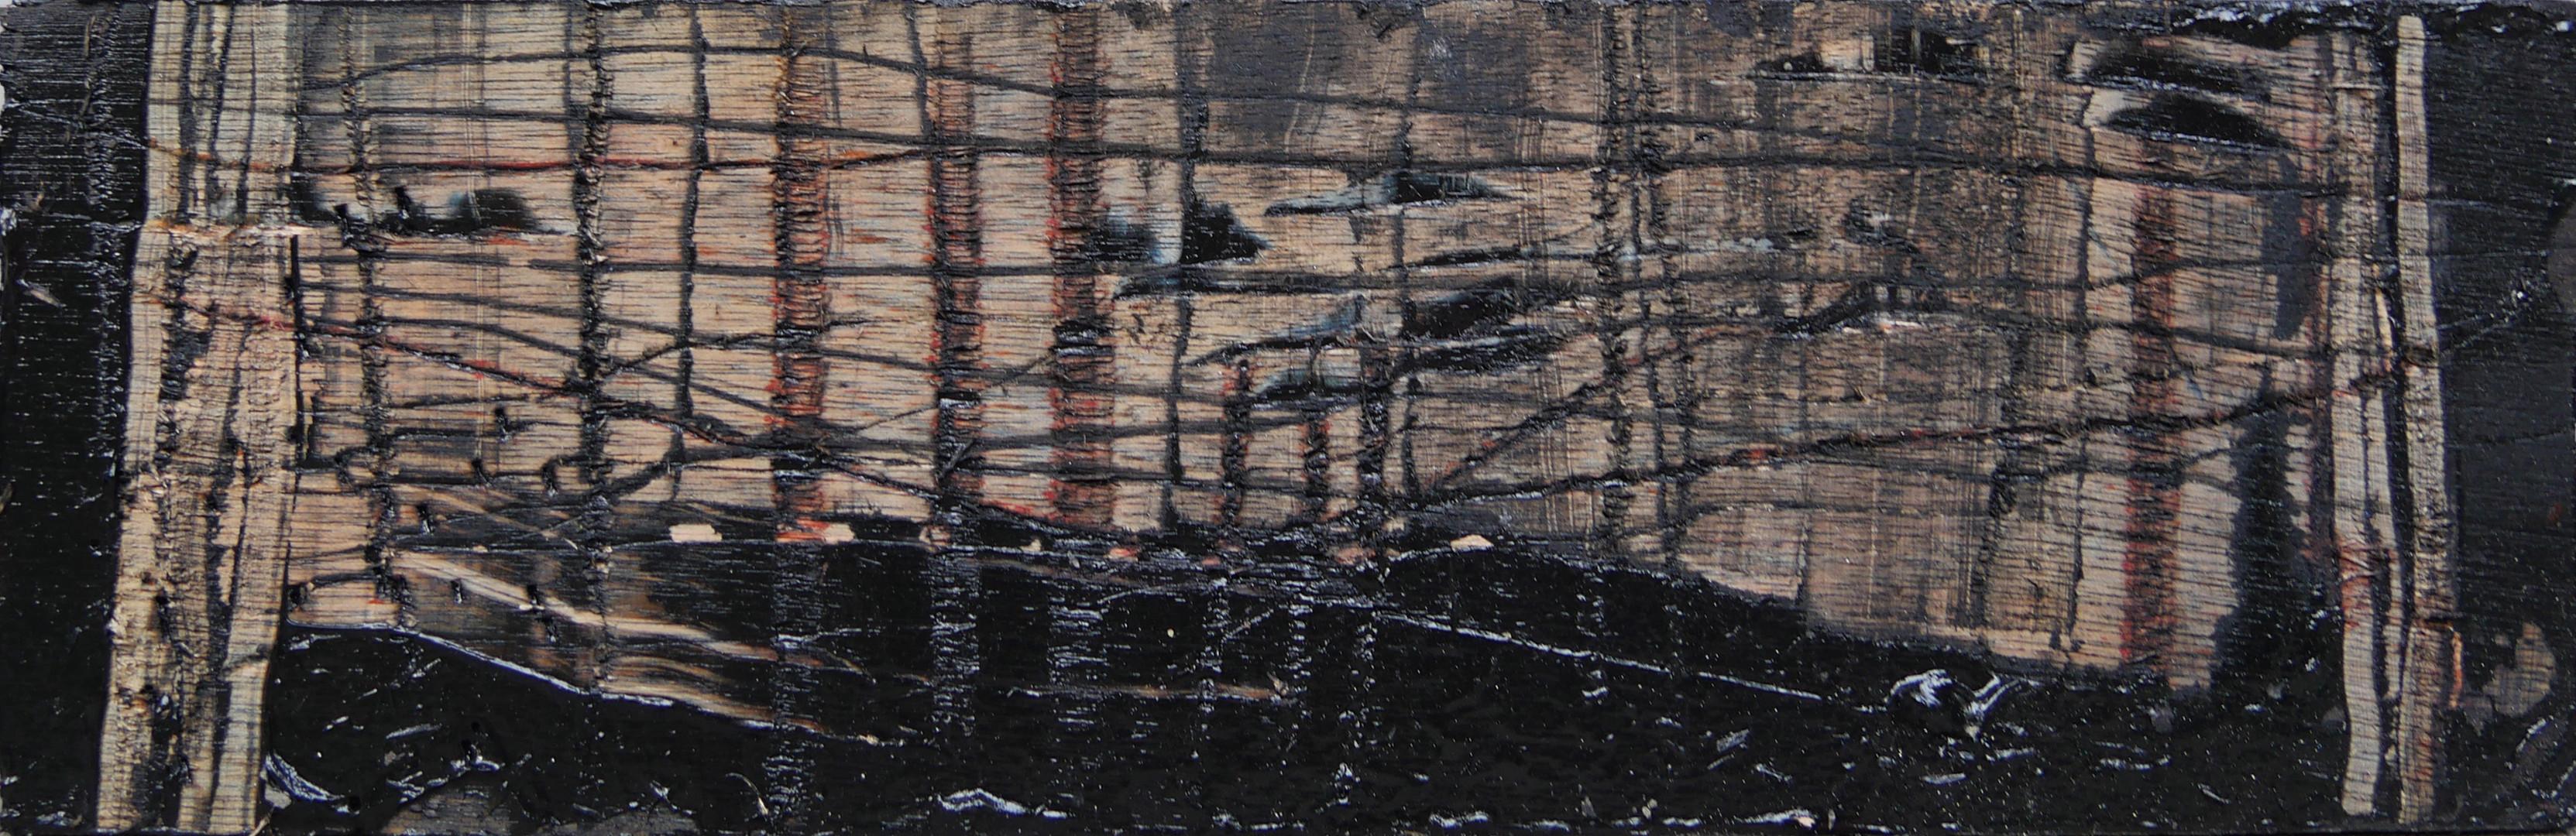 风景 V (paysages) 10x32 cm.jpg